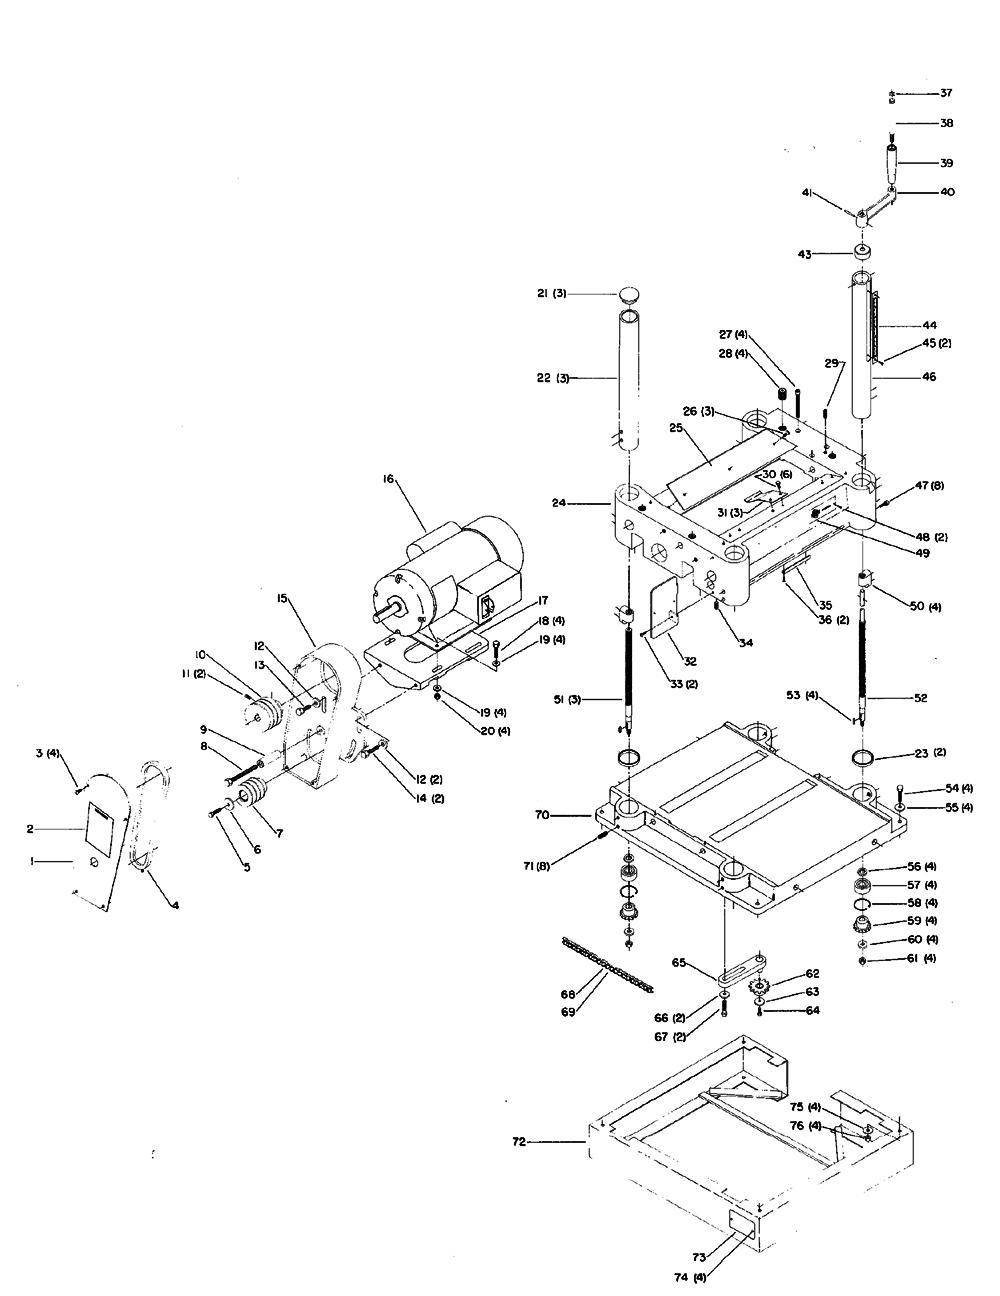 Lincoln Welding Machine Serial Numbersinstallation Instructions Craftsman Welder Wiring Diagram Drill Press